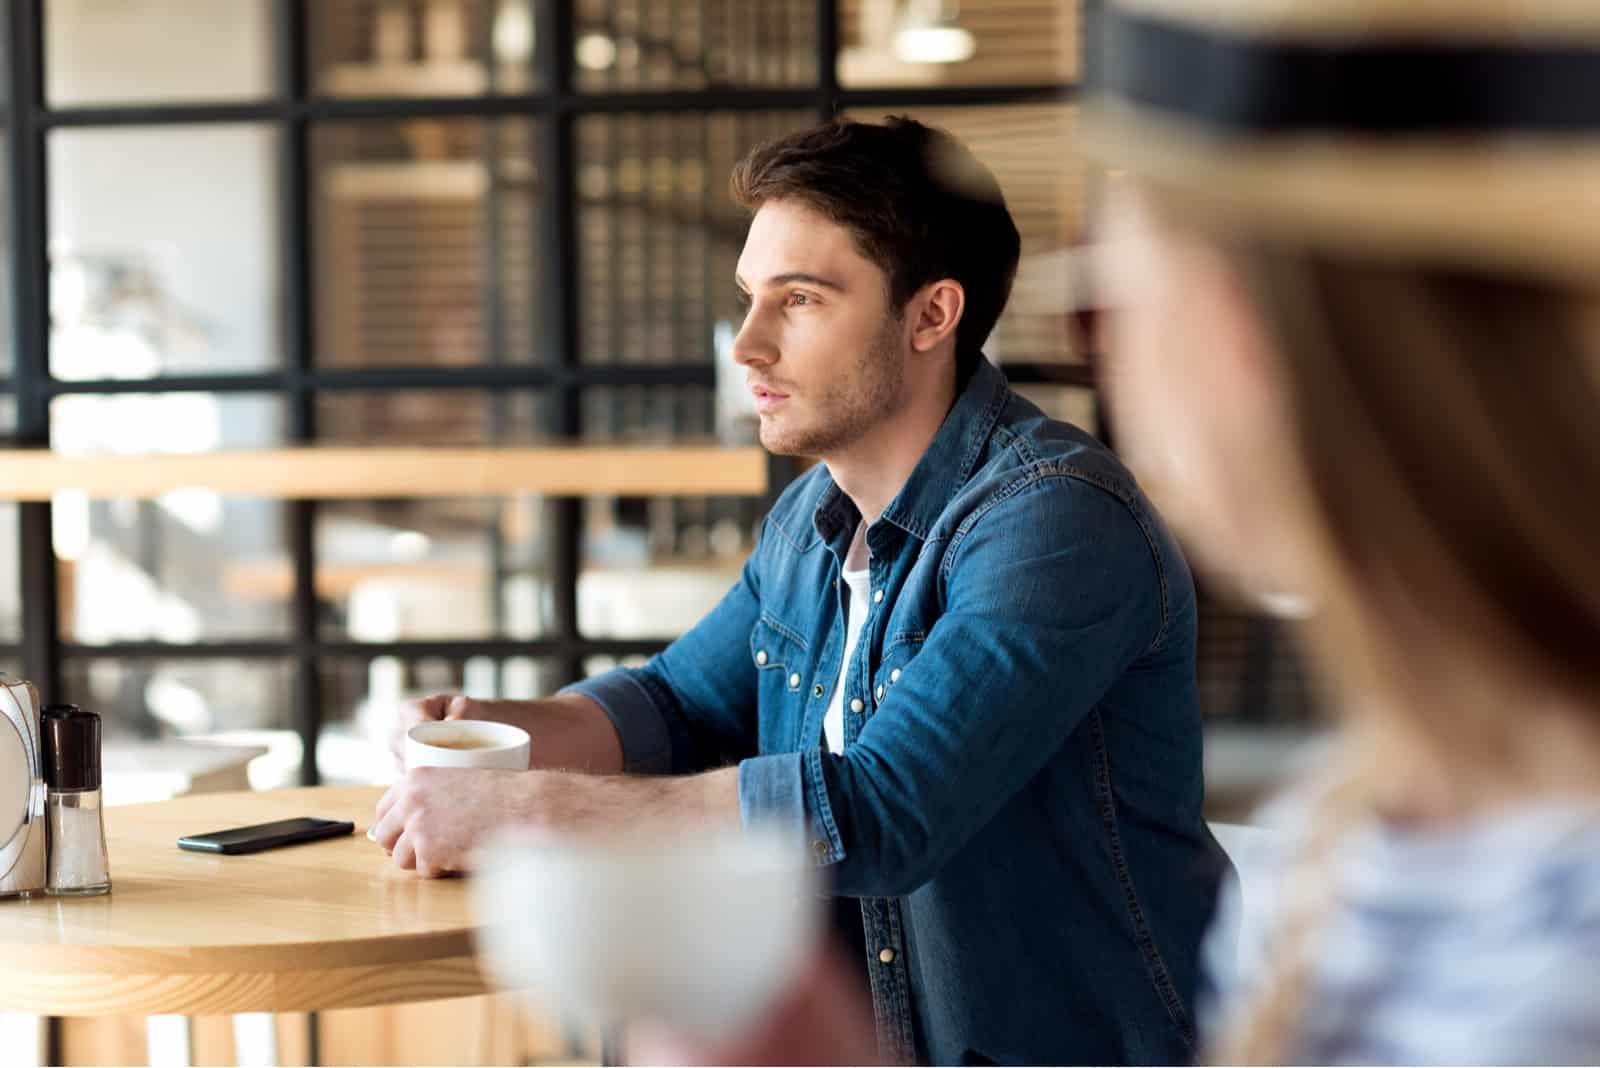 homme pensif avec une tasse de café à l'écart